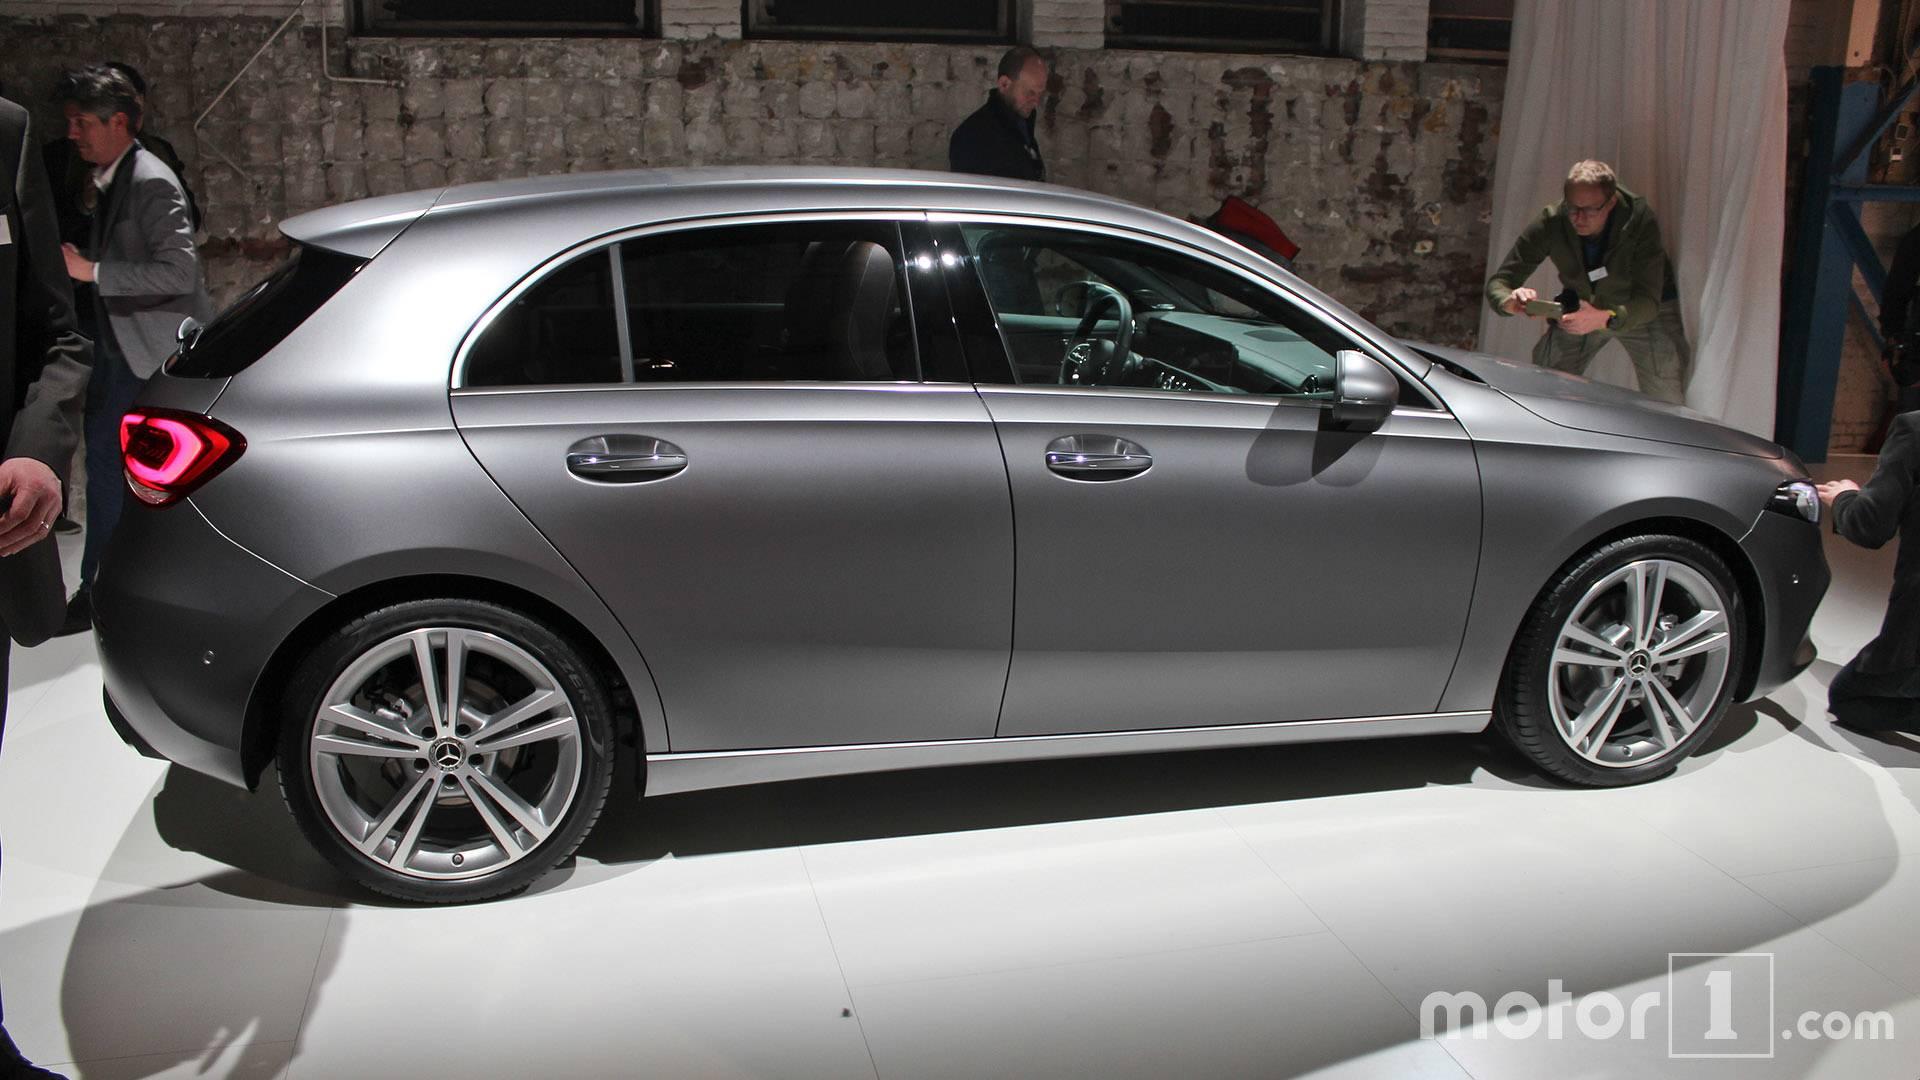 Mercedes benz a klasse sedan l pag 2 for Mercedes benz ticker symbol